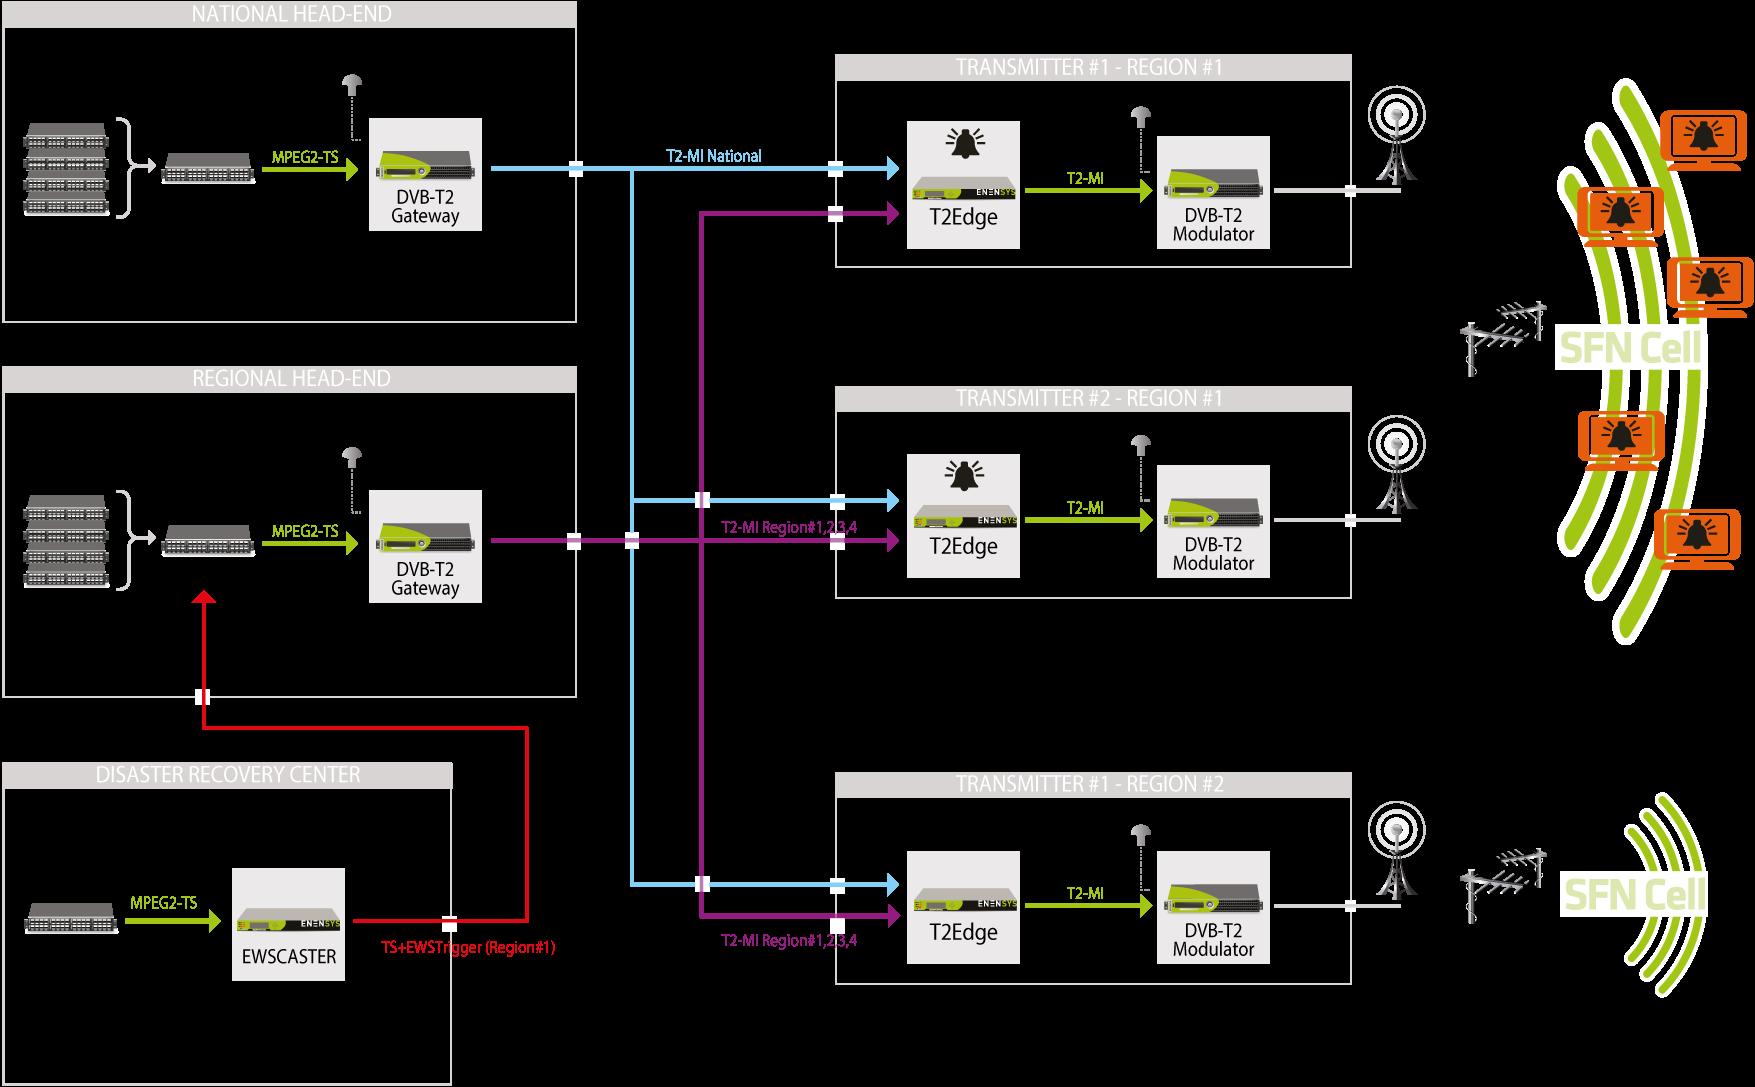 SOL_EWS_RegionalArchitecture